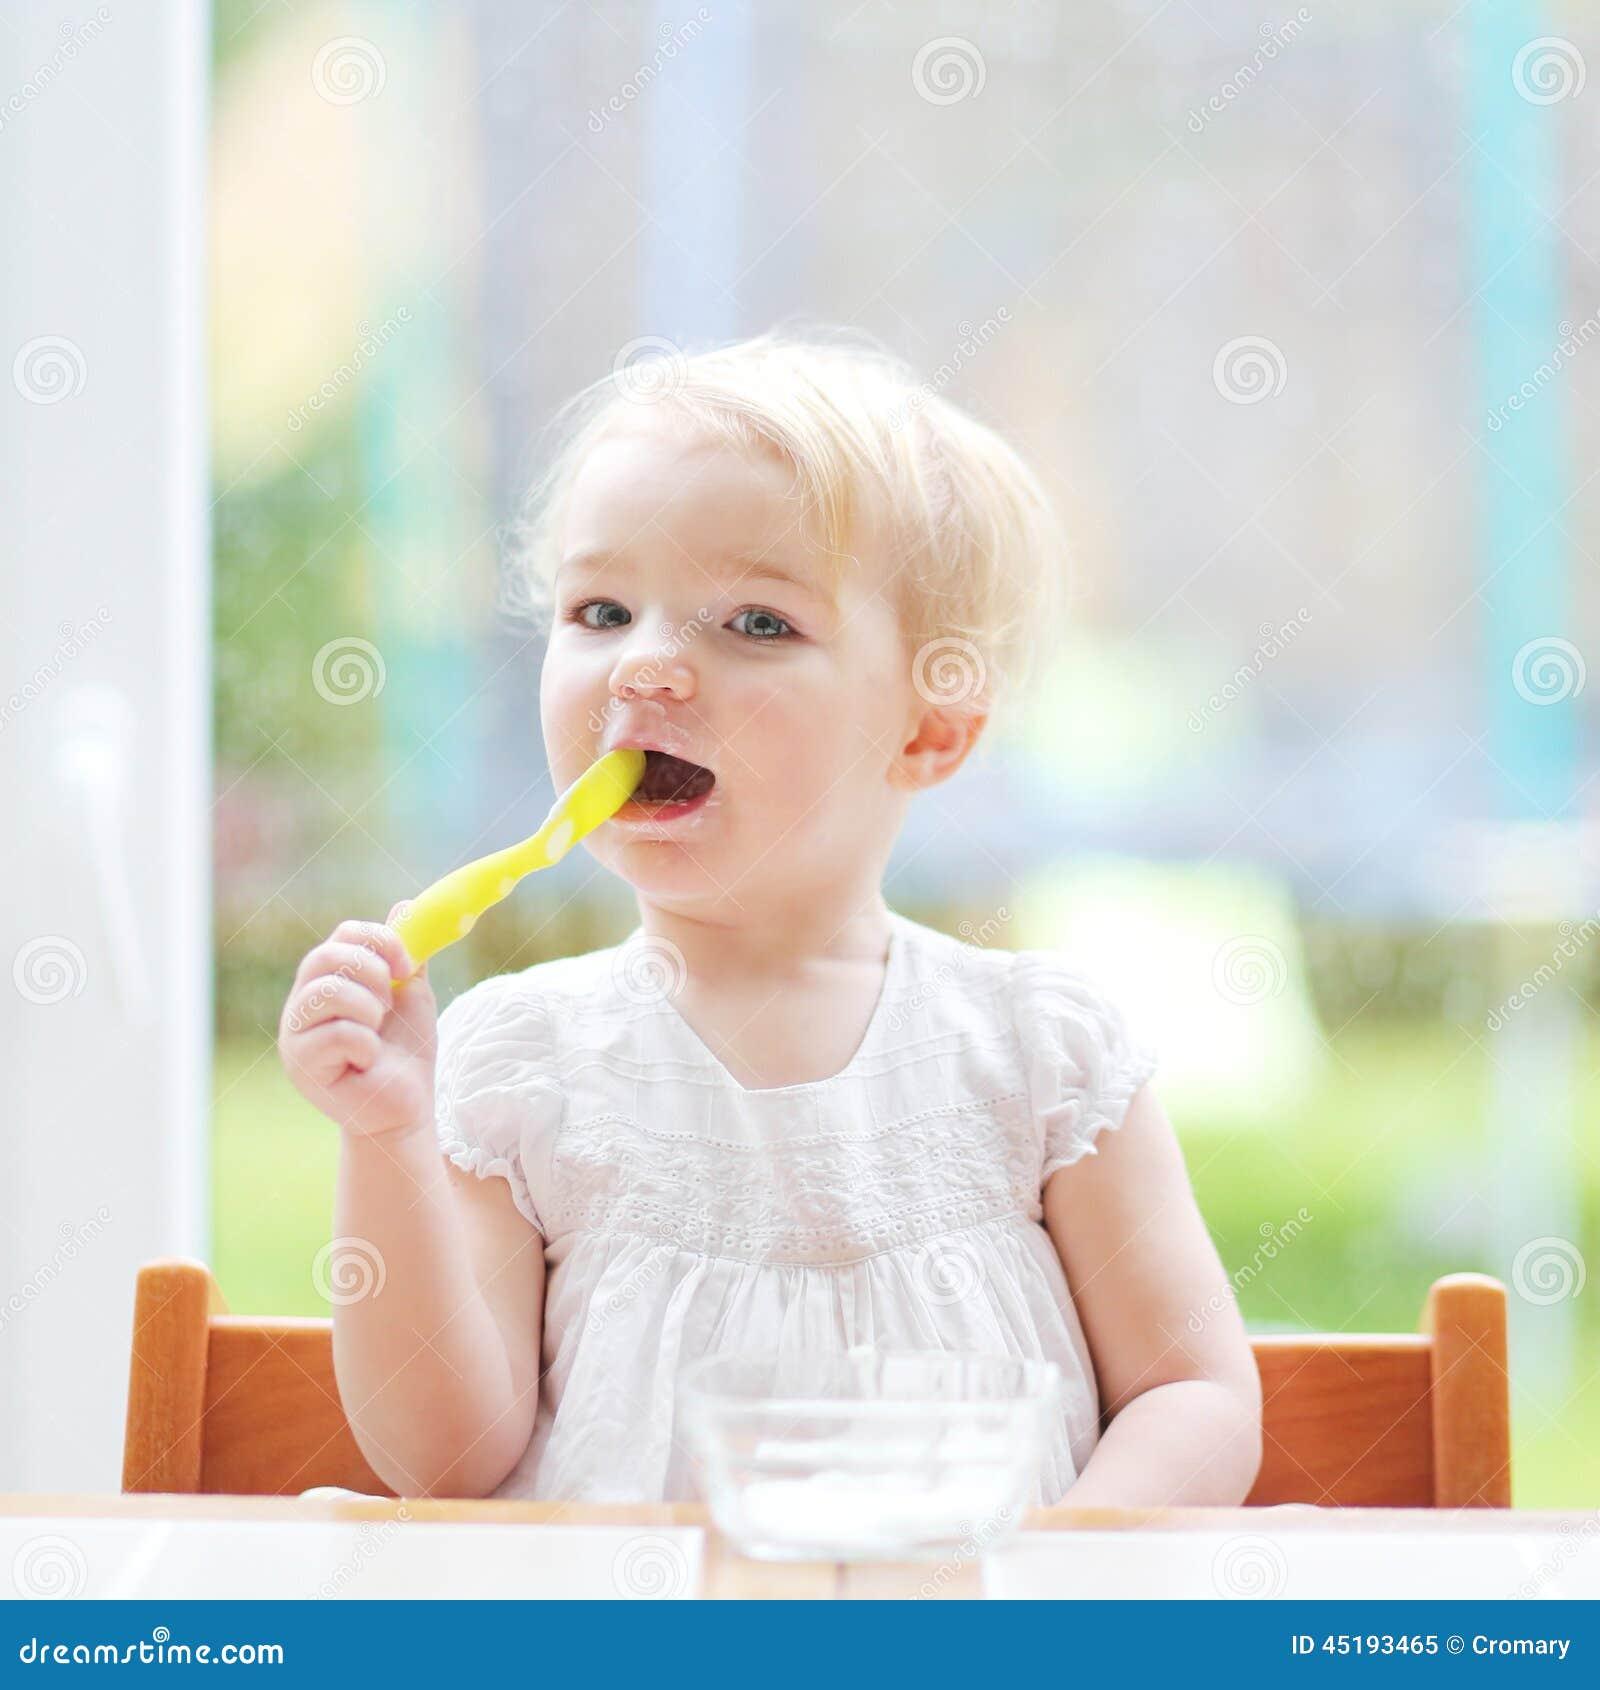 Cute baby girl eating yogurt from spoon